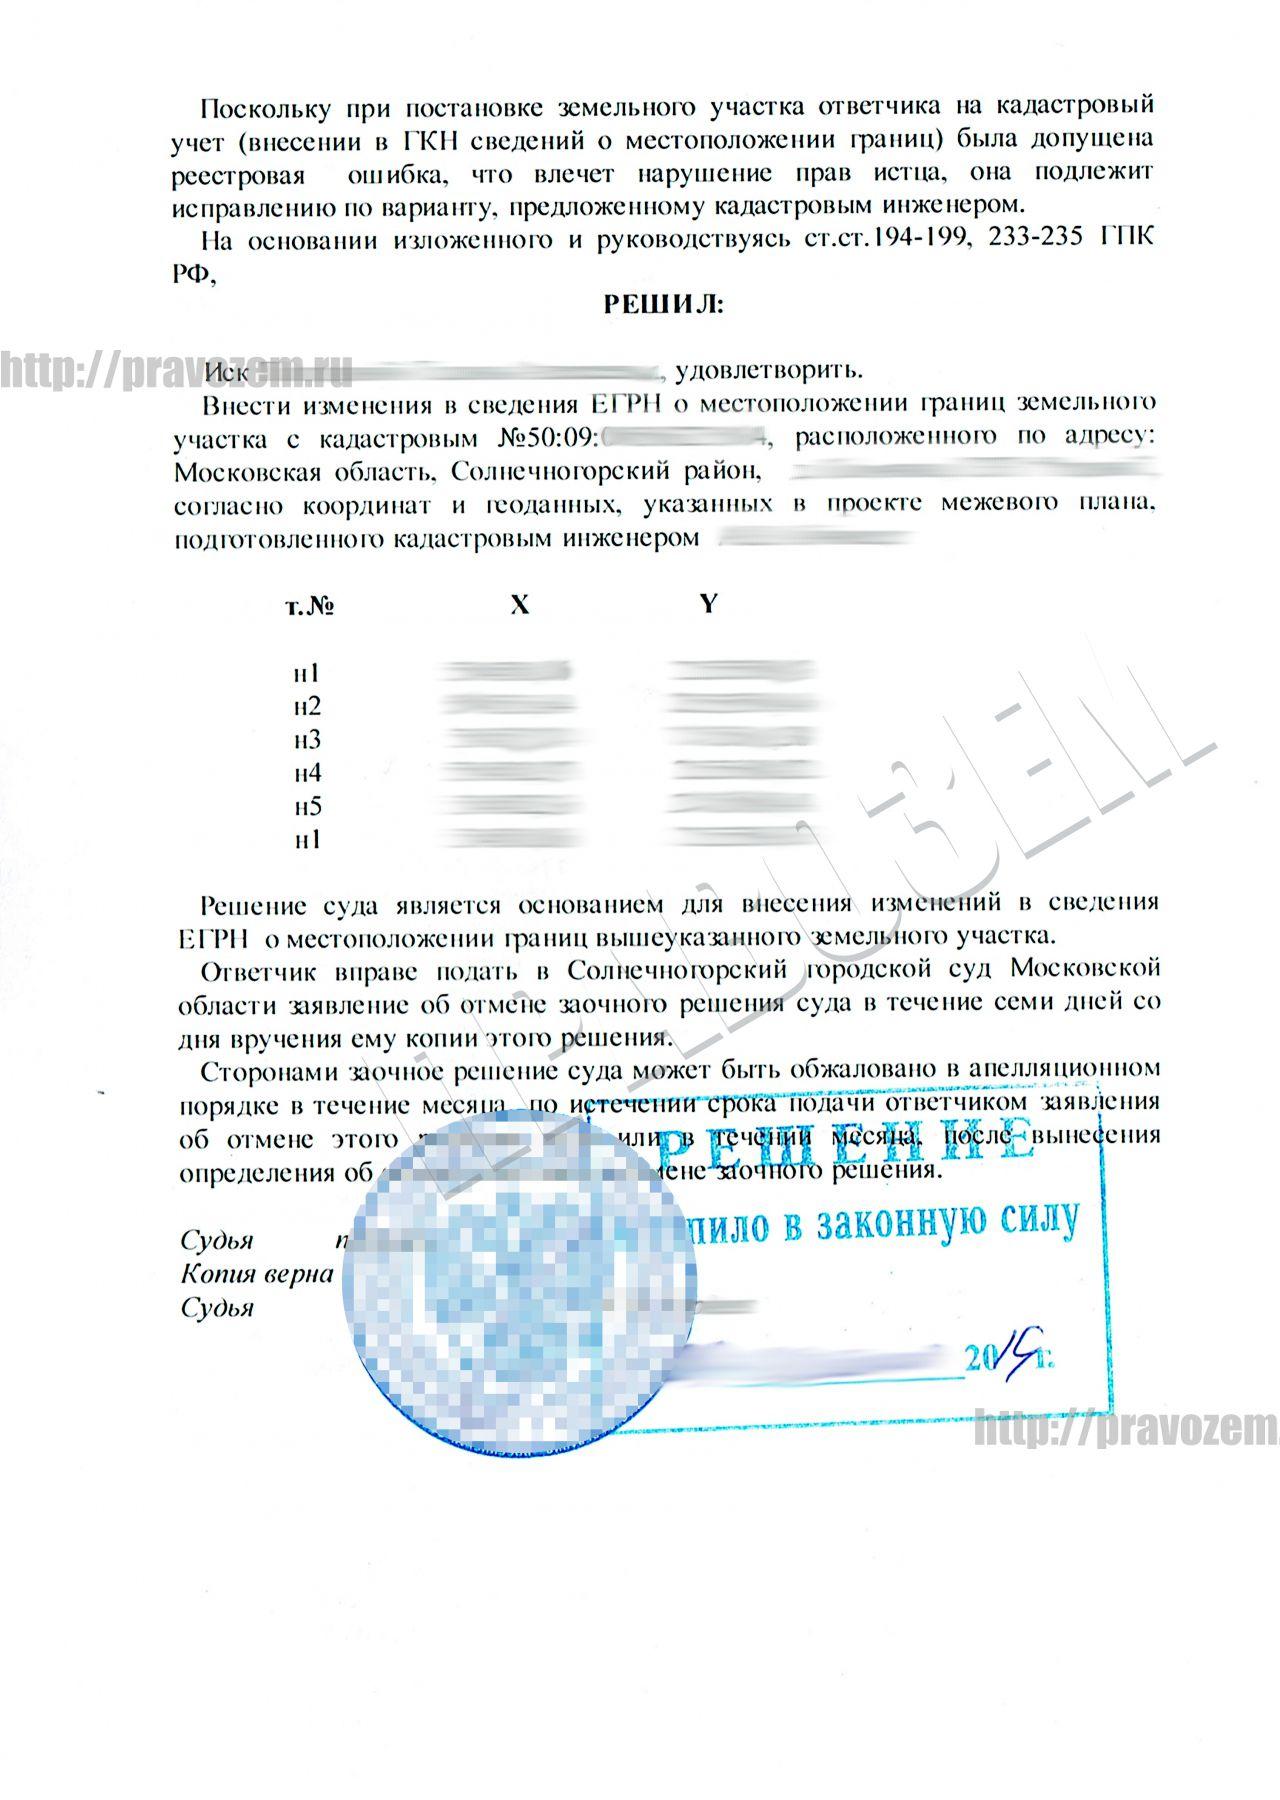 Исправление реестровой ошибки по границам участка через суд в Солнечногорске